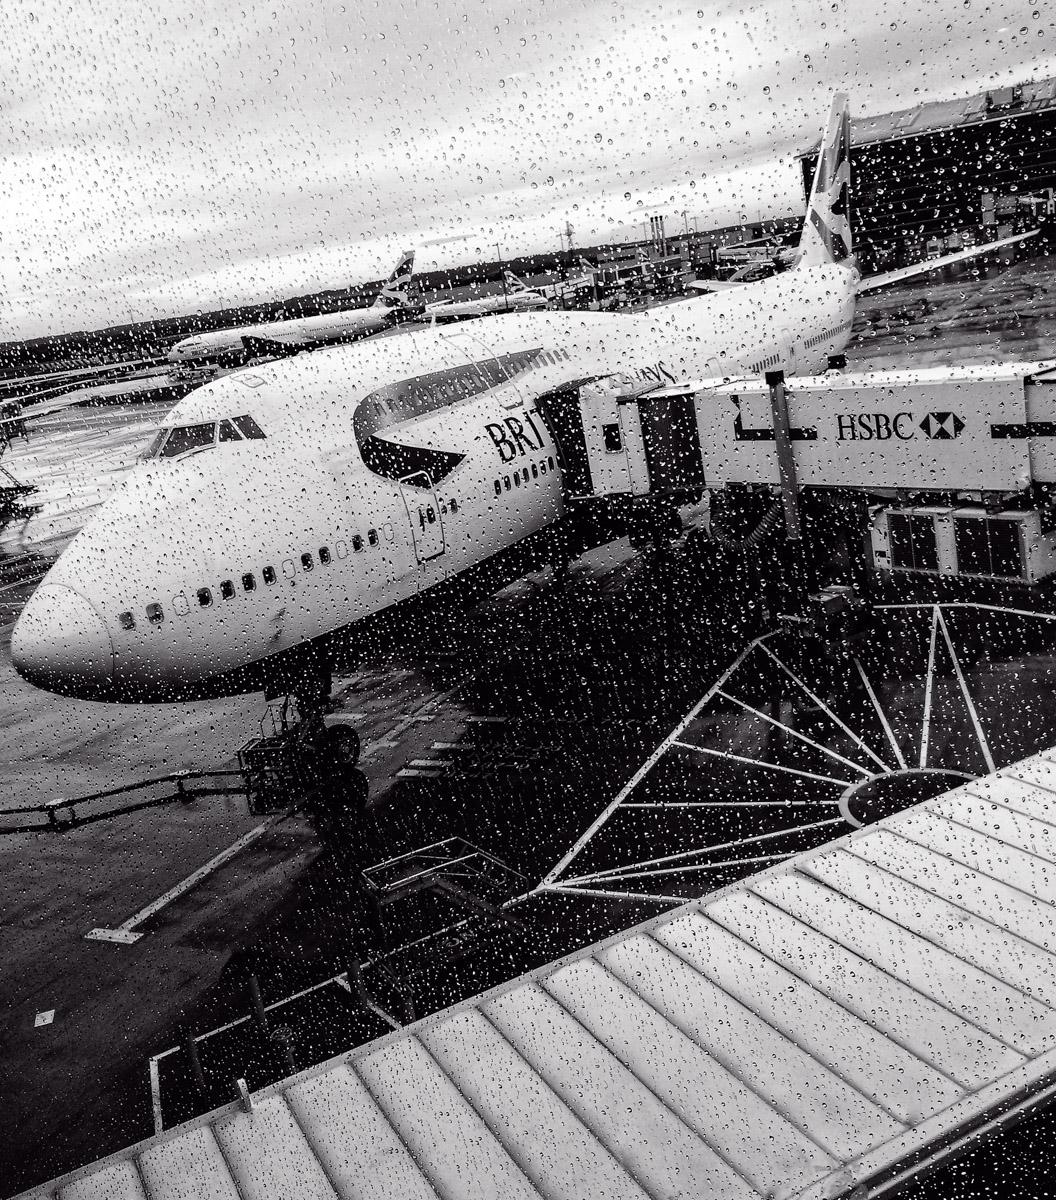 BA departure for Las Vegas